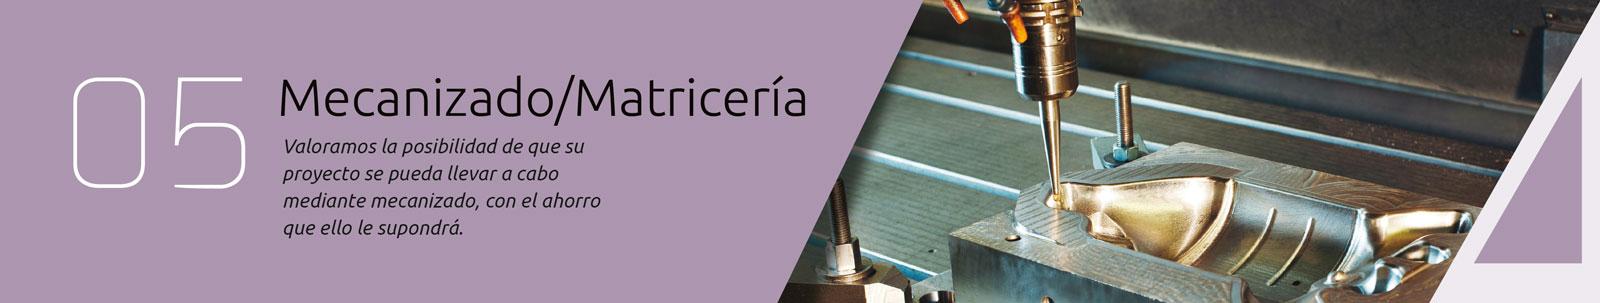 mecanizado y matricería